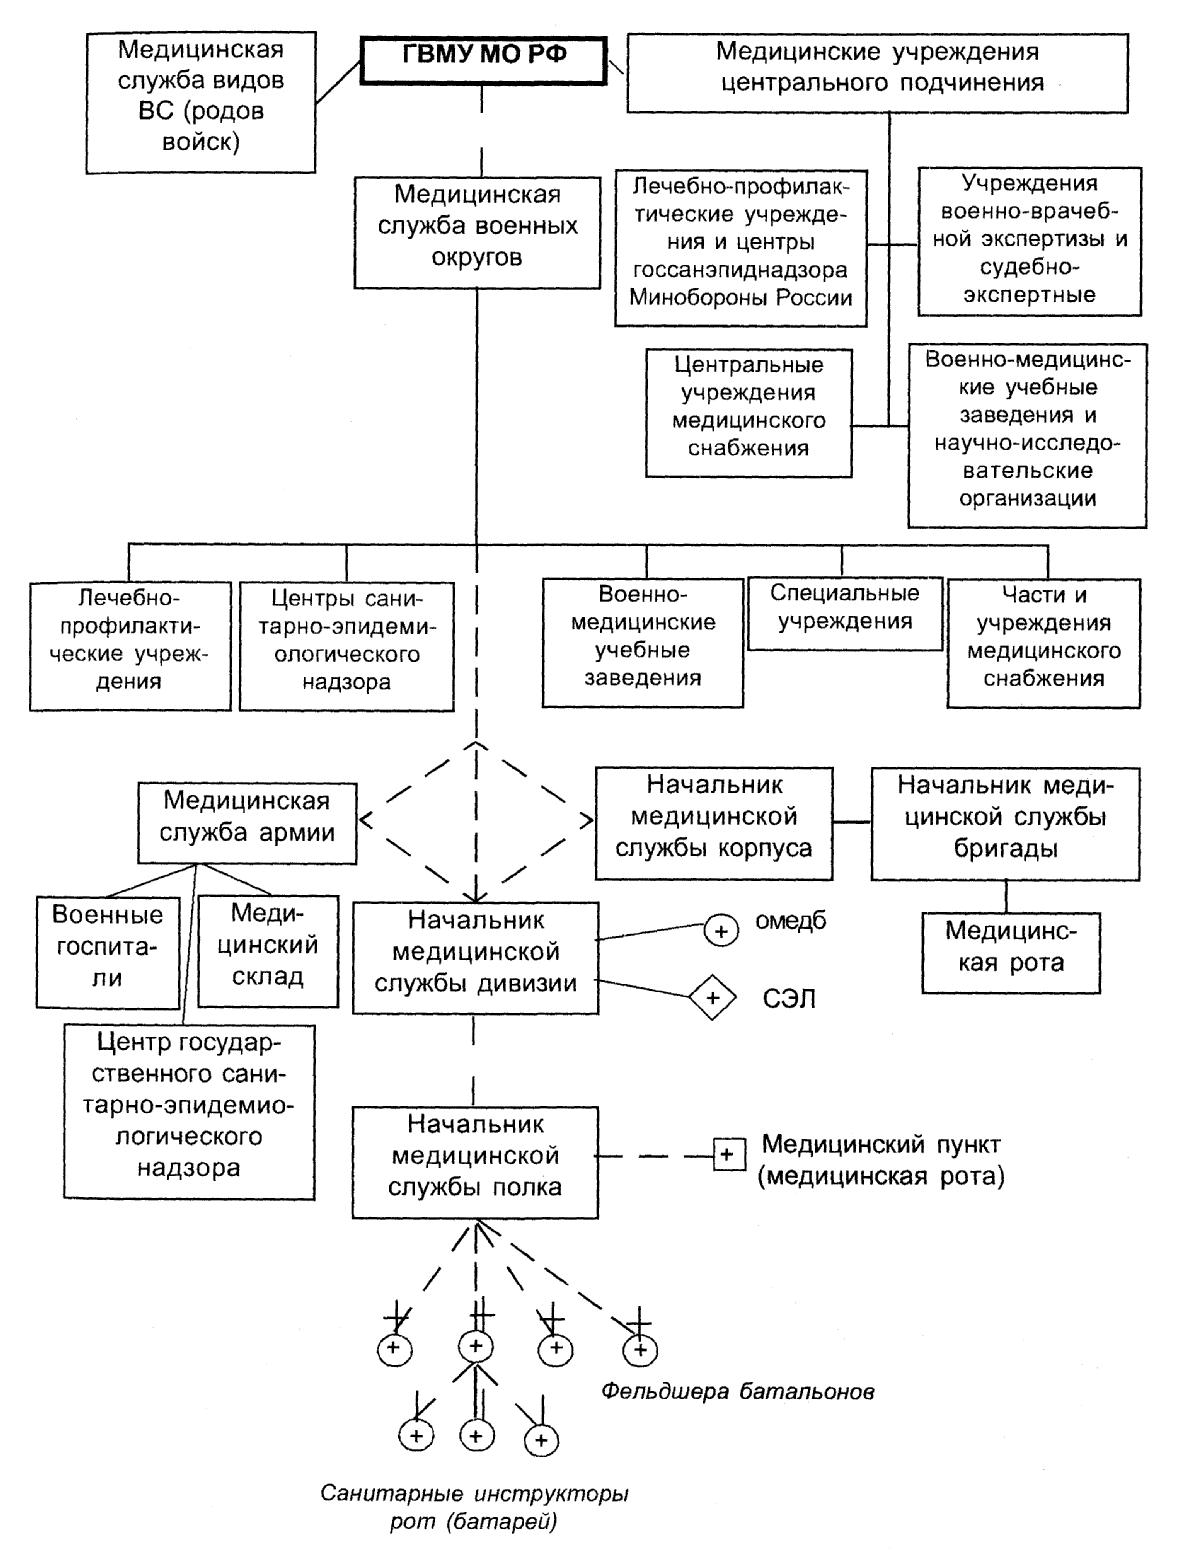 Исследование и оценка функционального состояния в выборе о обосновании программ лфк медицинское заключение реферат